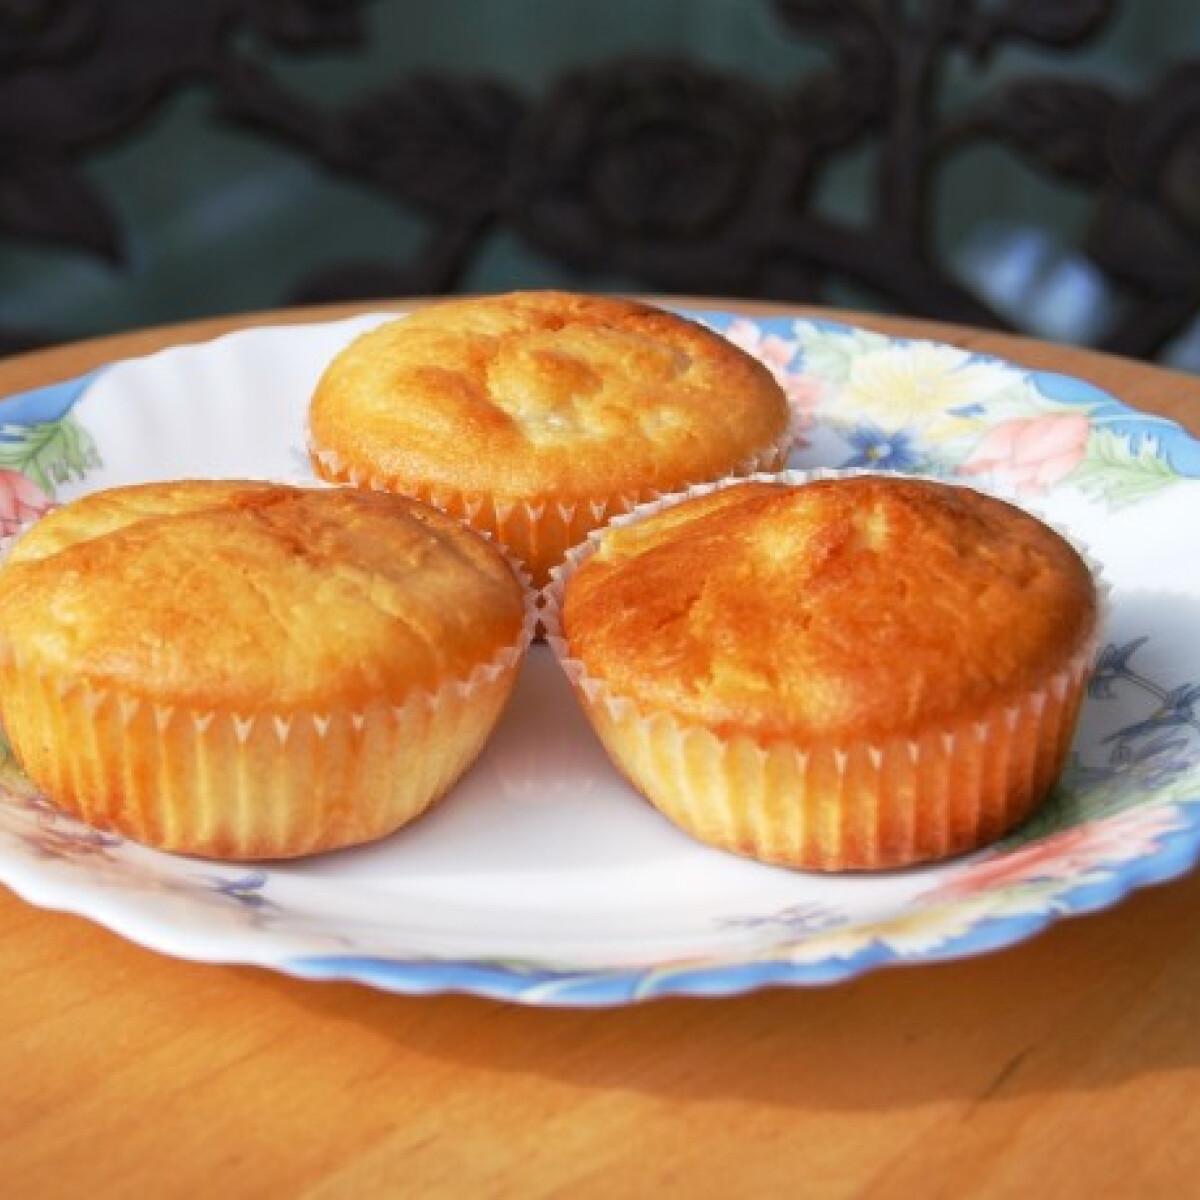 Ezen a képen: Ananászos-kókuszos muffin